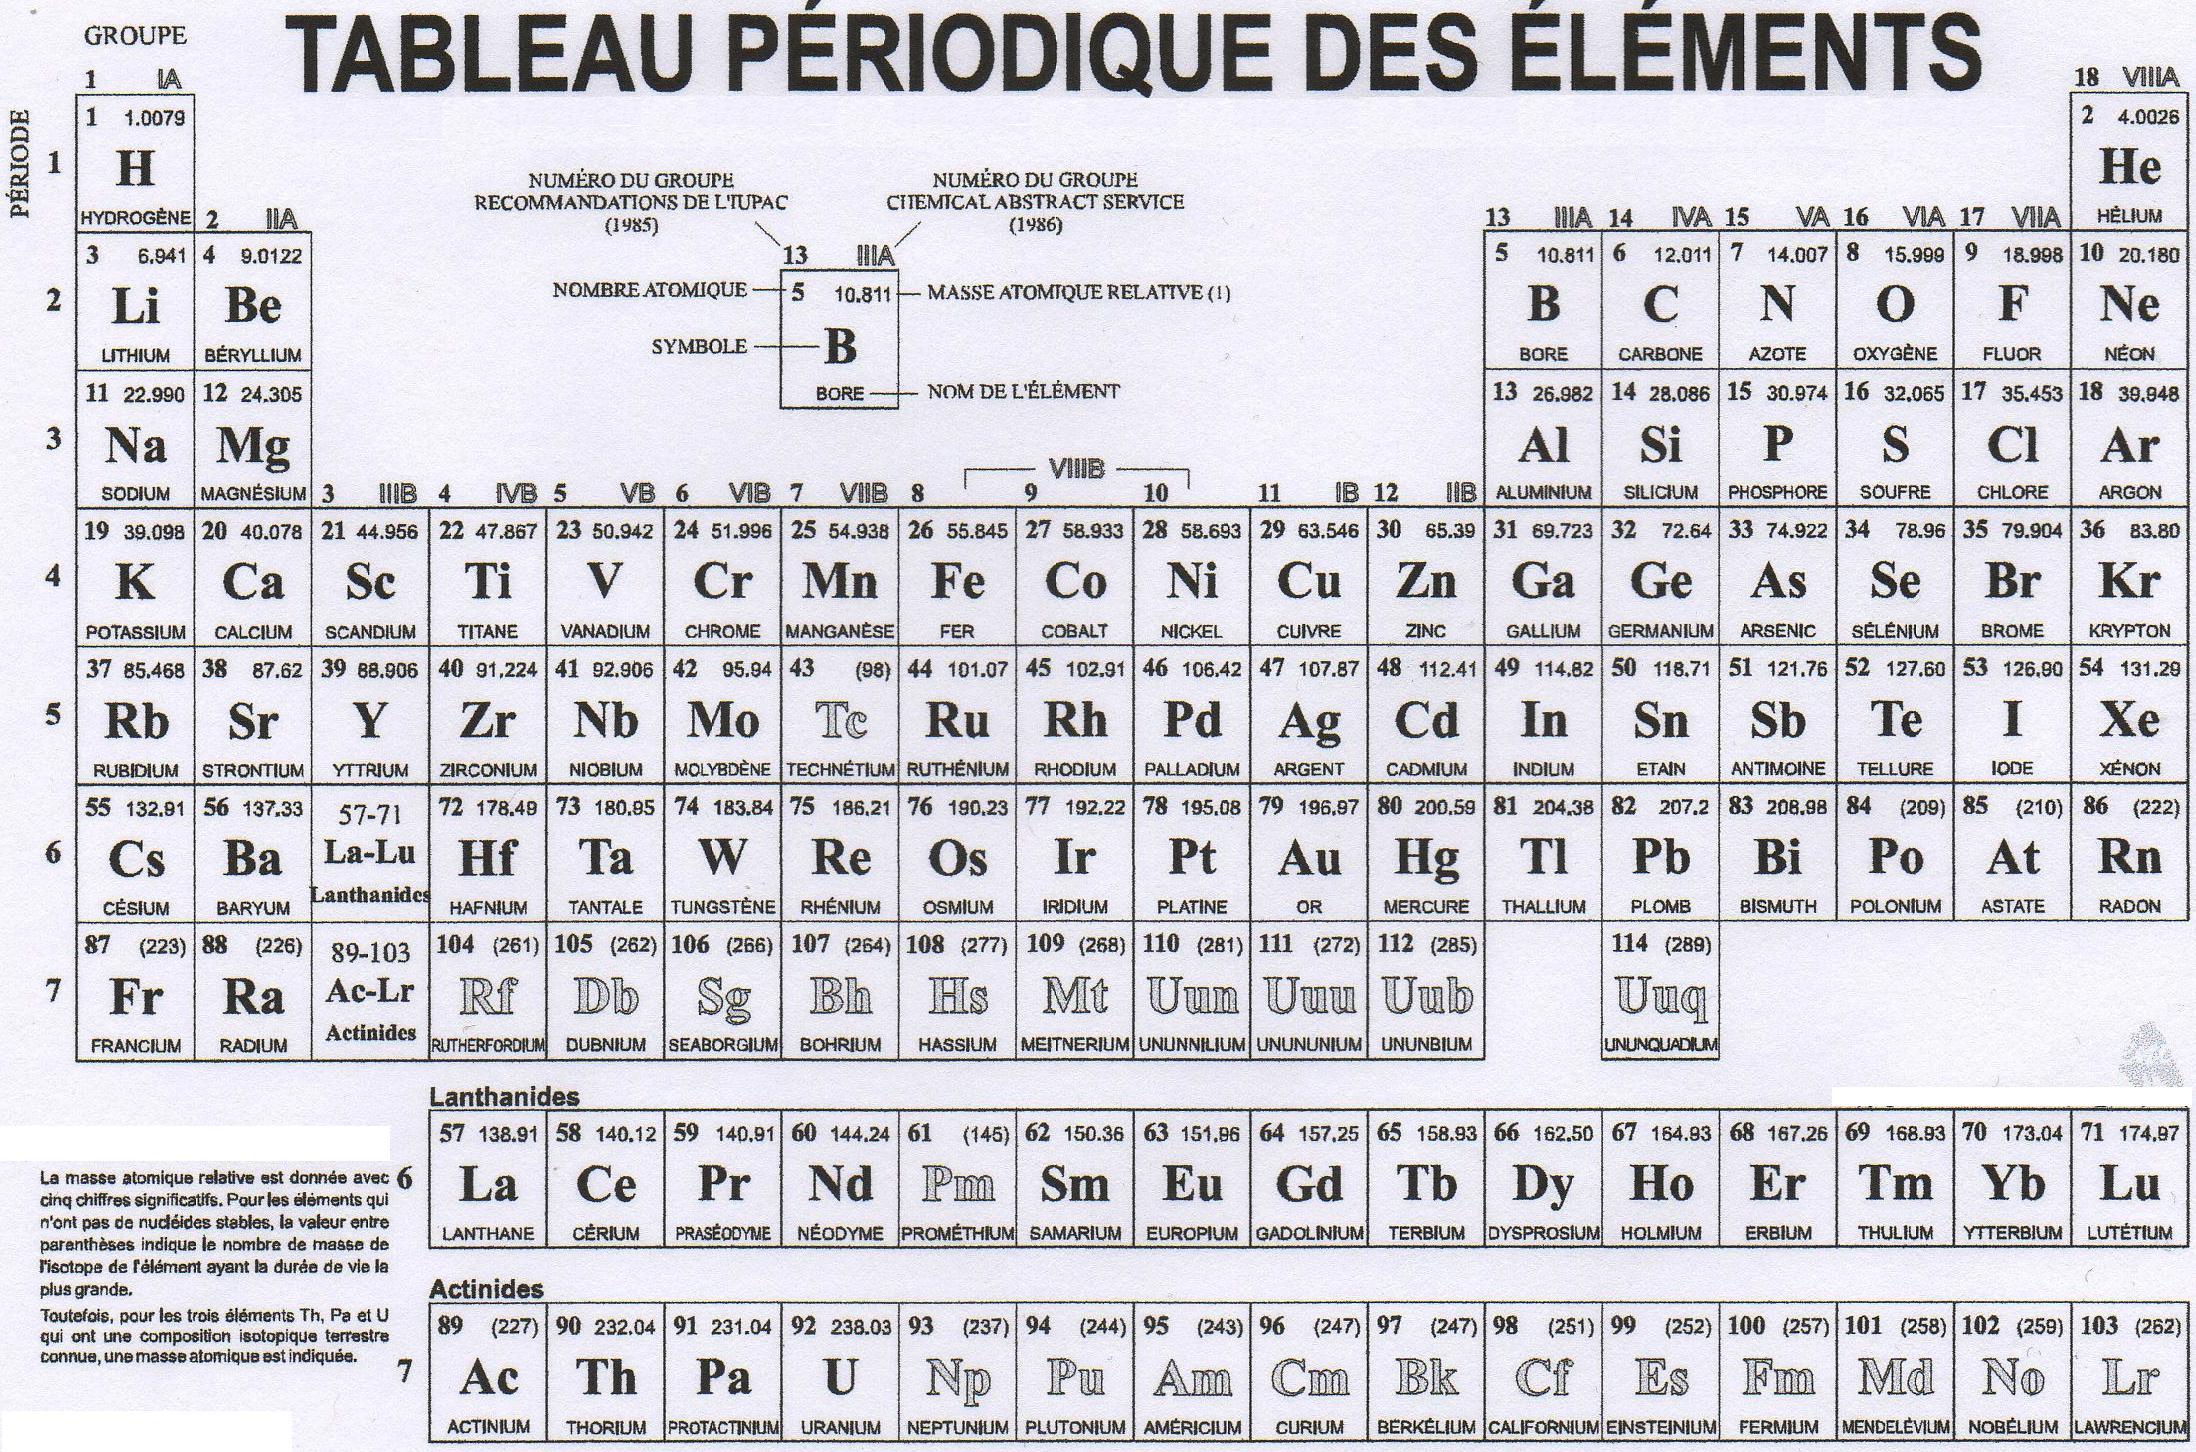 Description tableau périodique des éléments